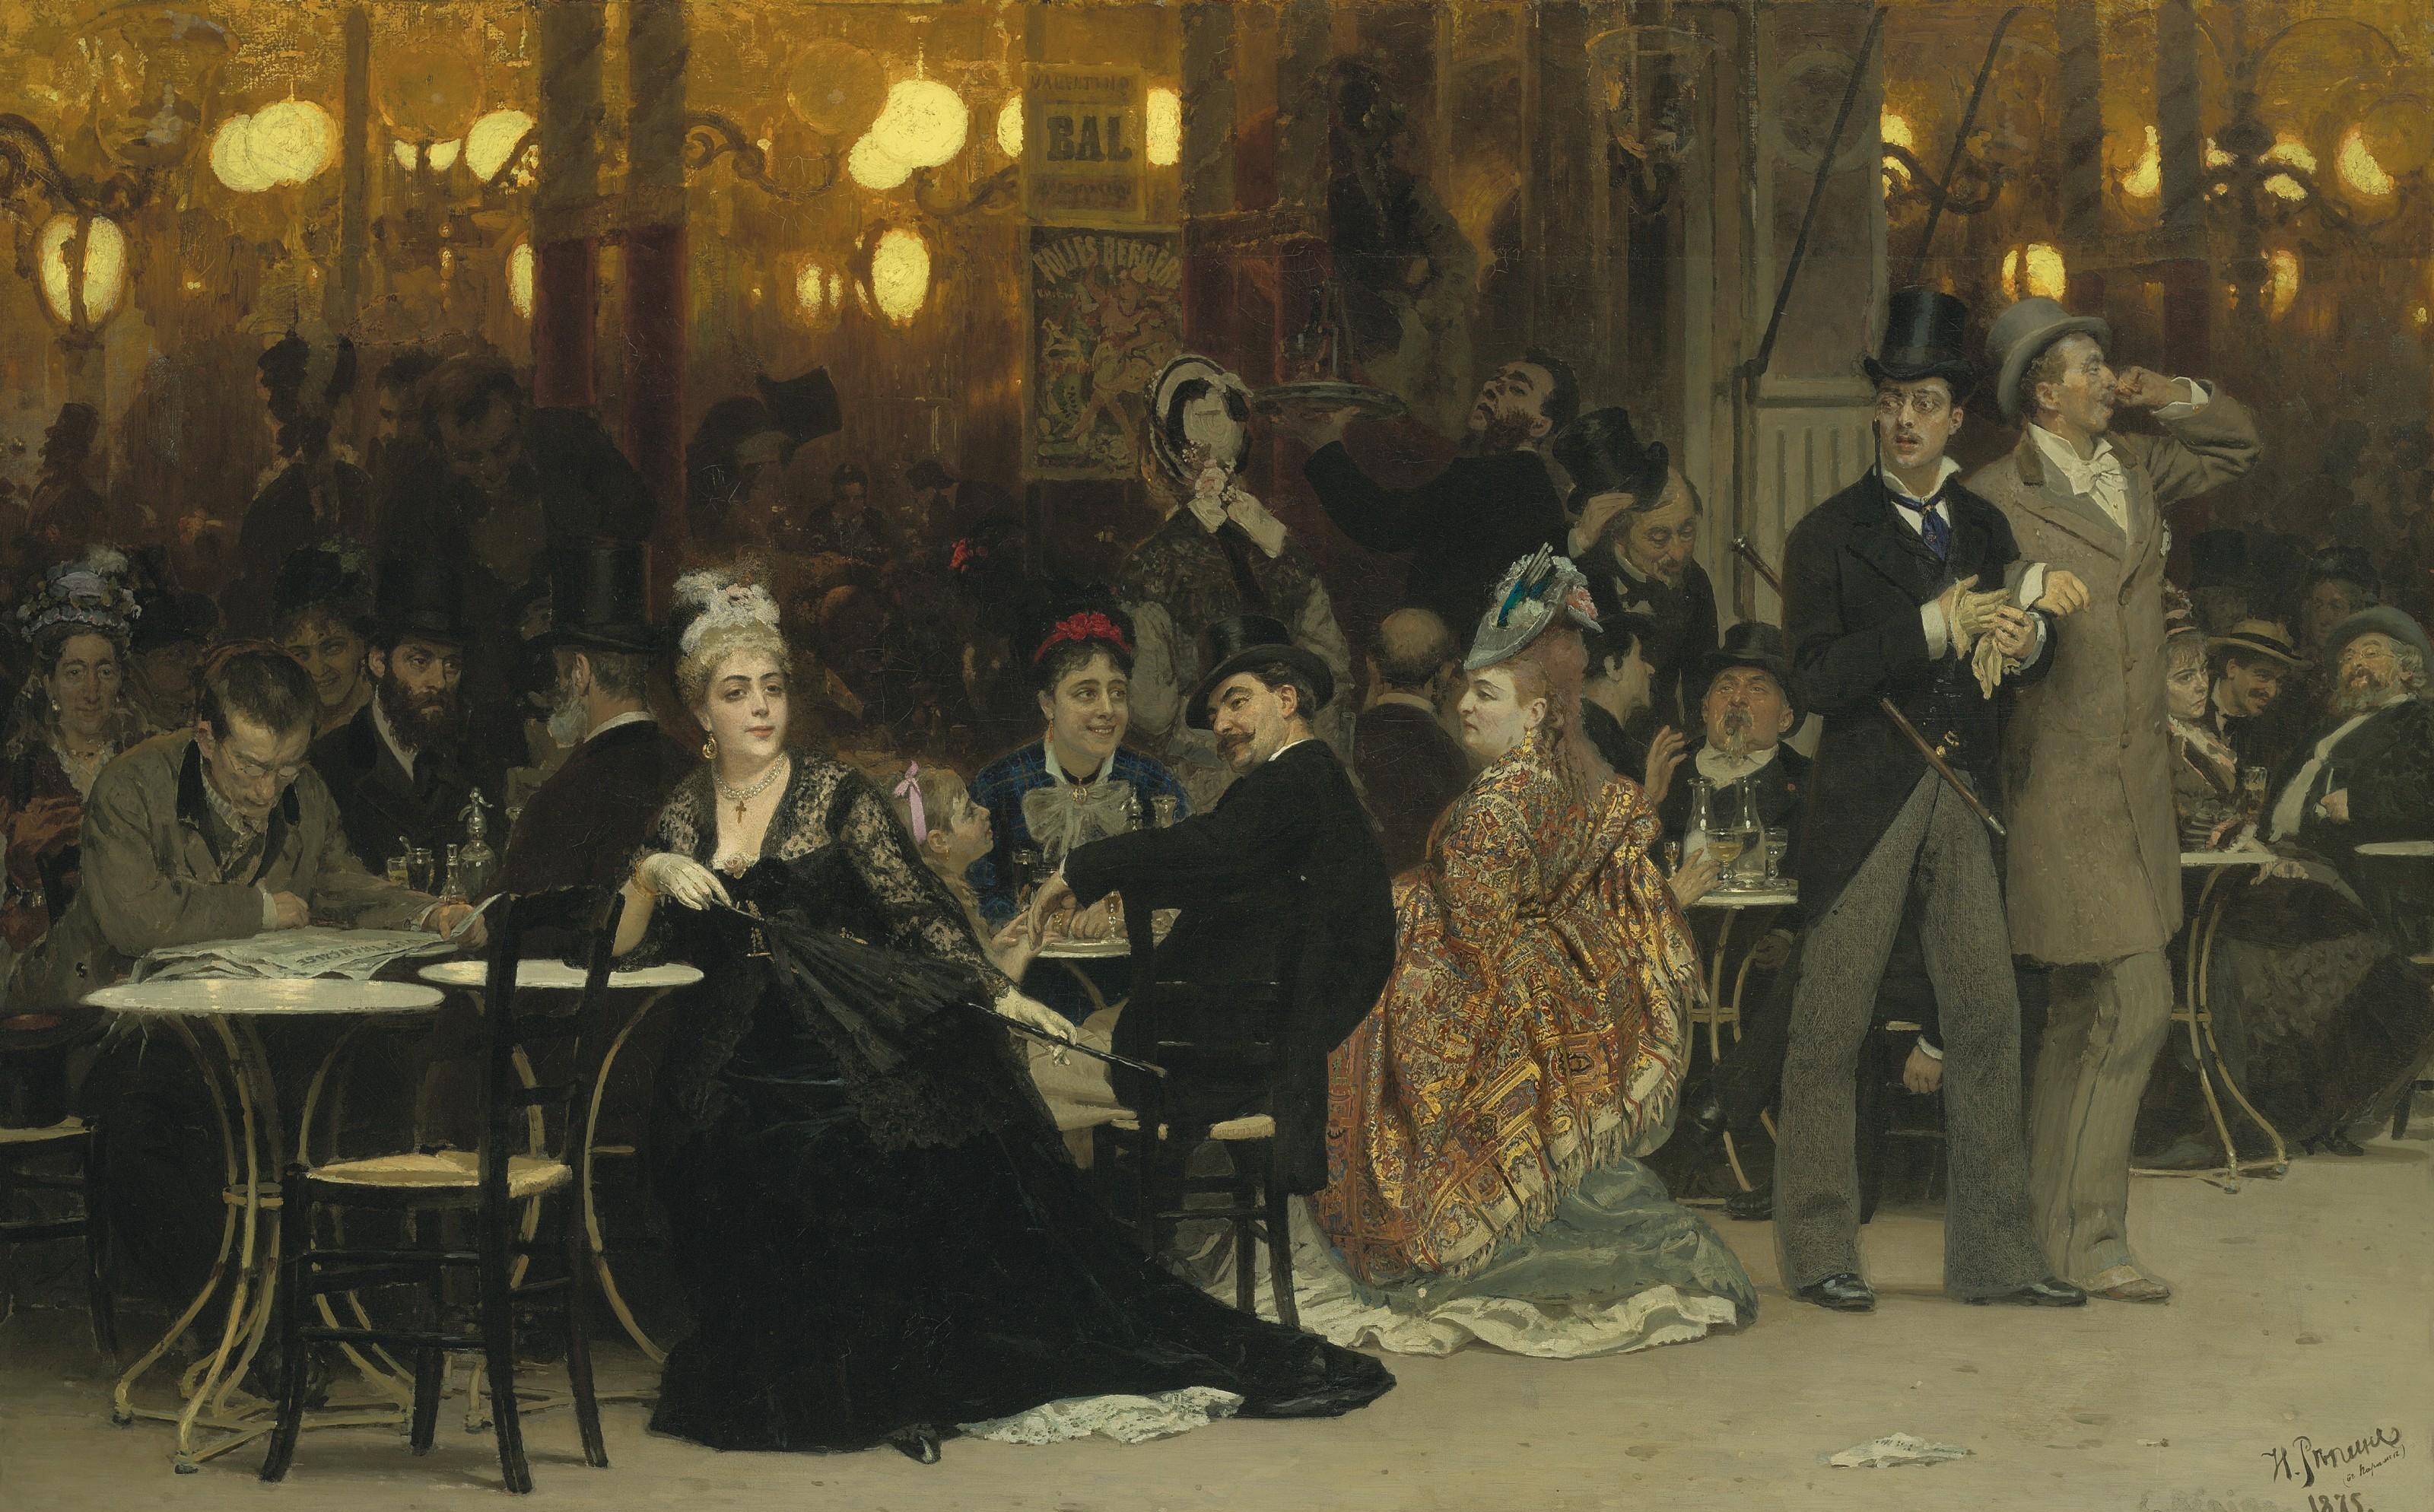 картина Репина Парижское кафе былы выставлена на торги